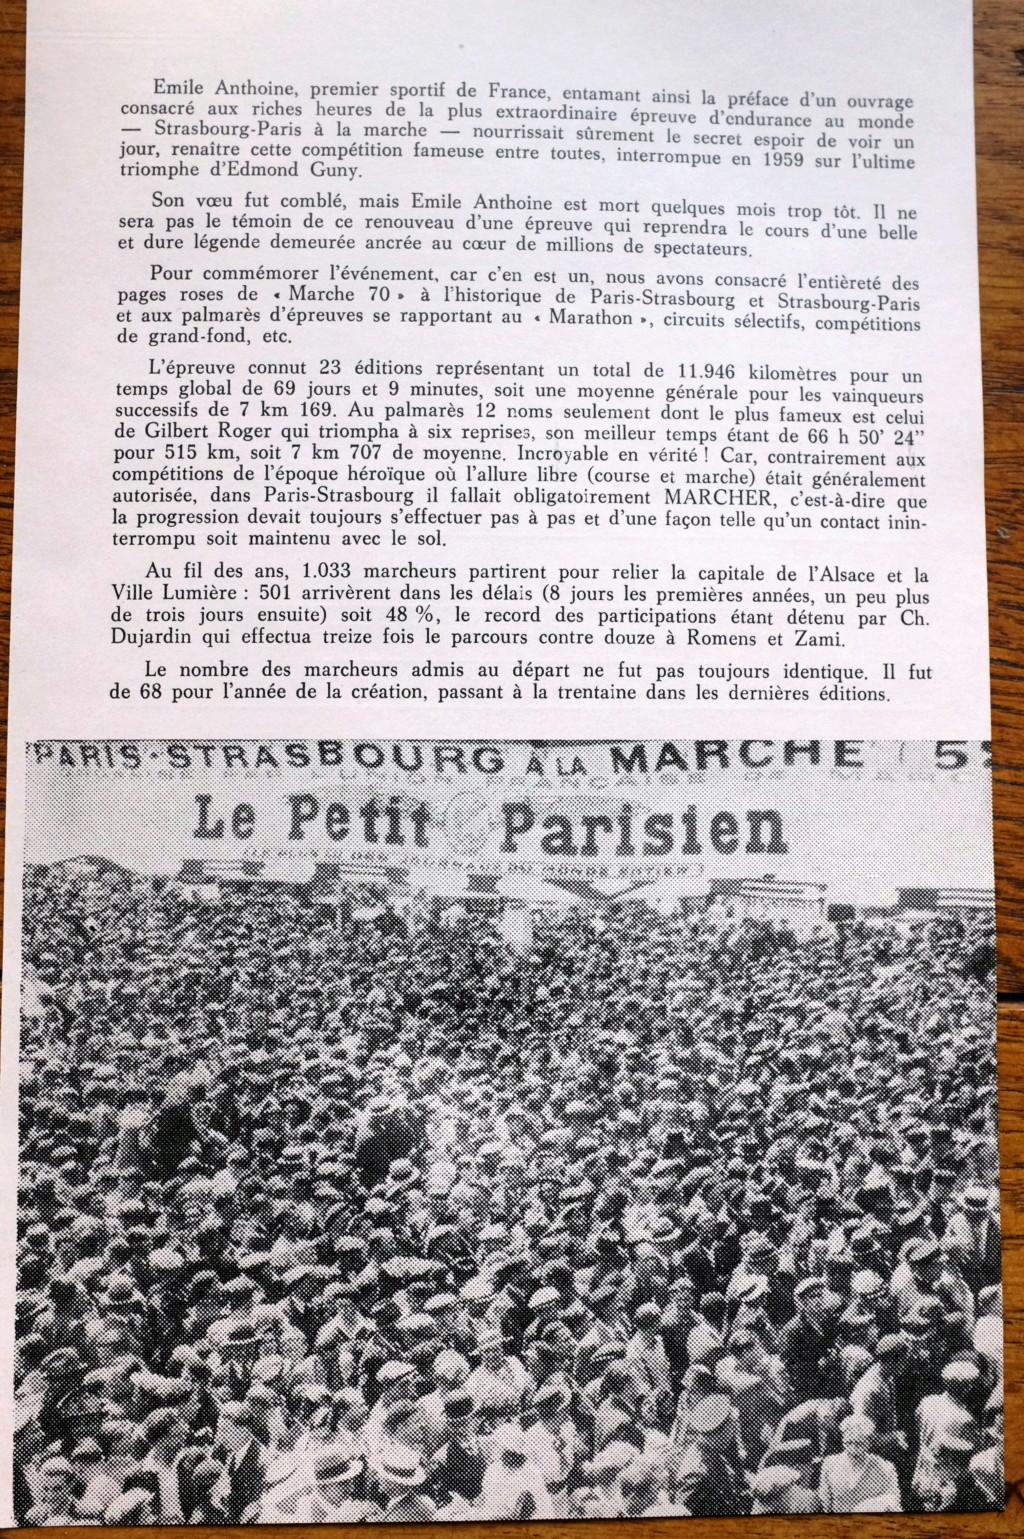 Paris-Strasbourg l'épopée de La Marche Hector MAHAU - Page 3 Dscf1112